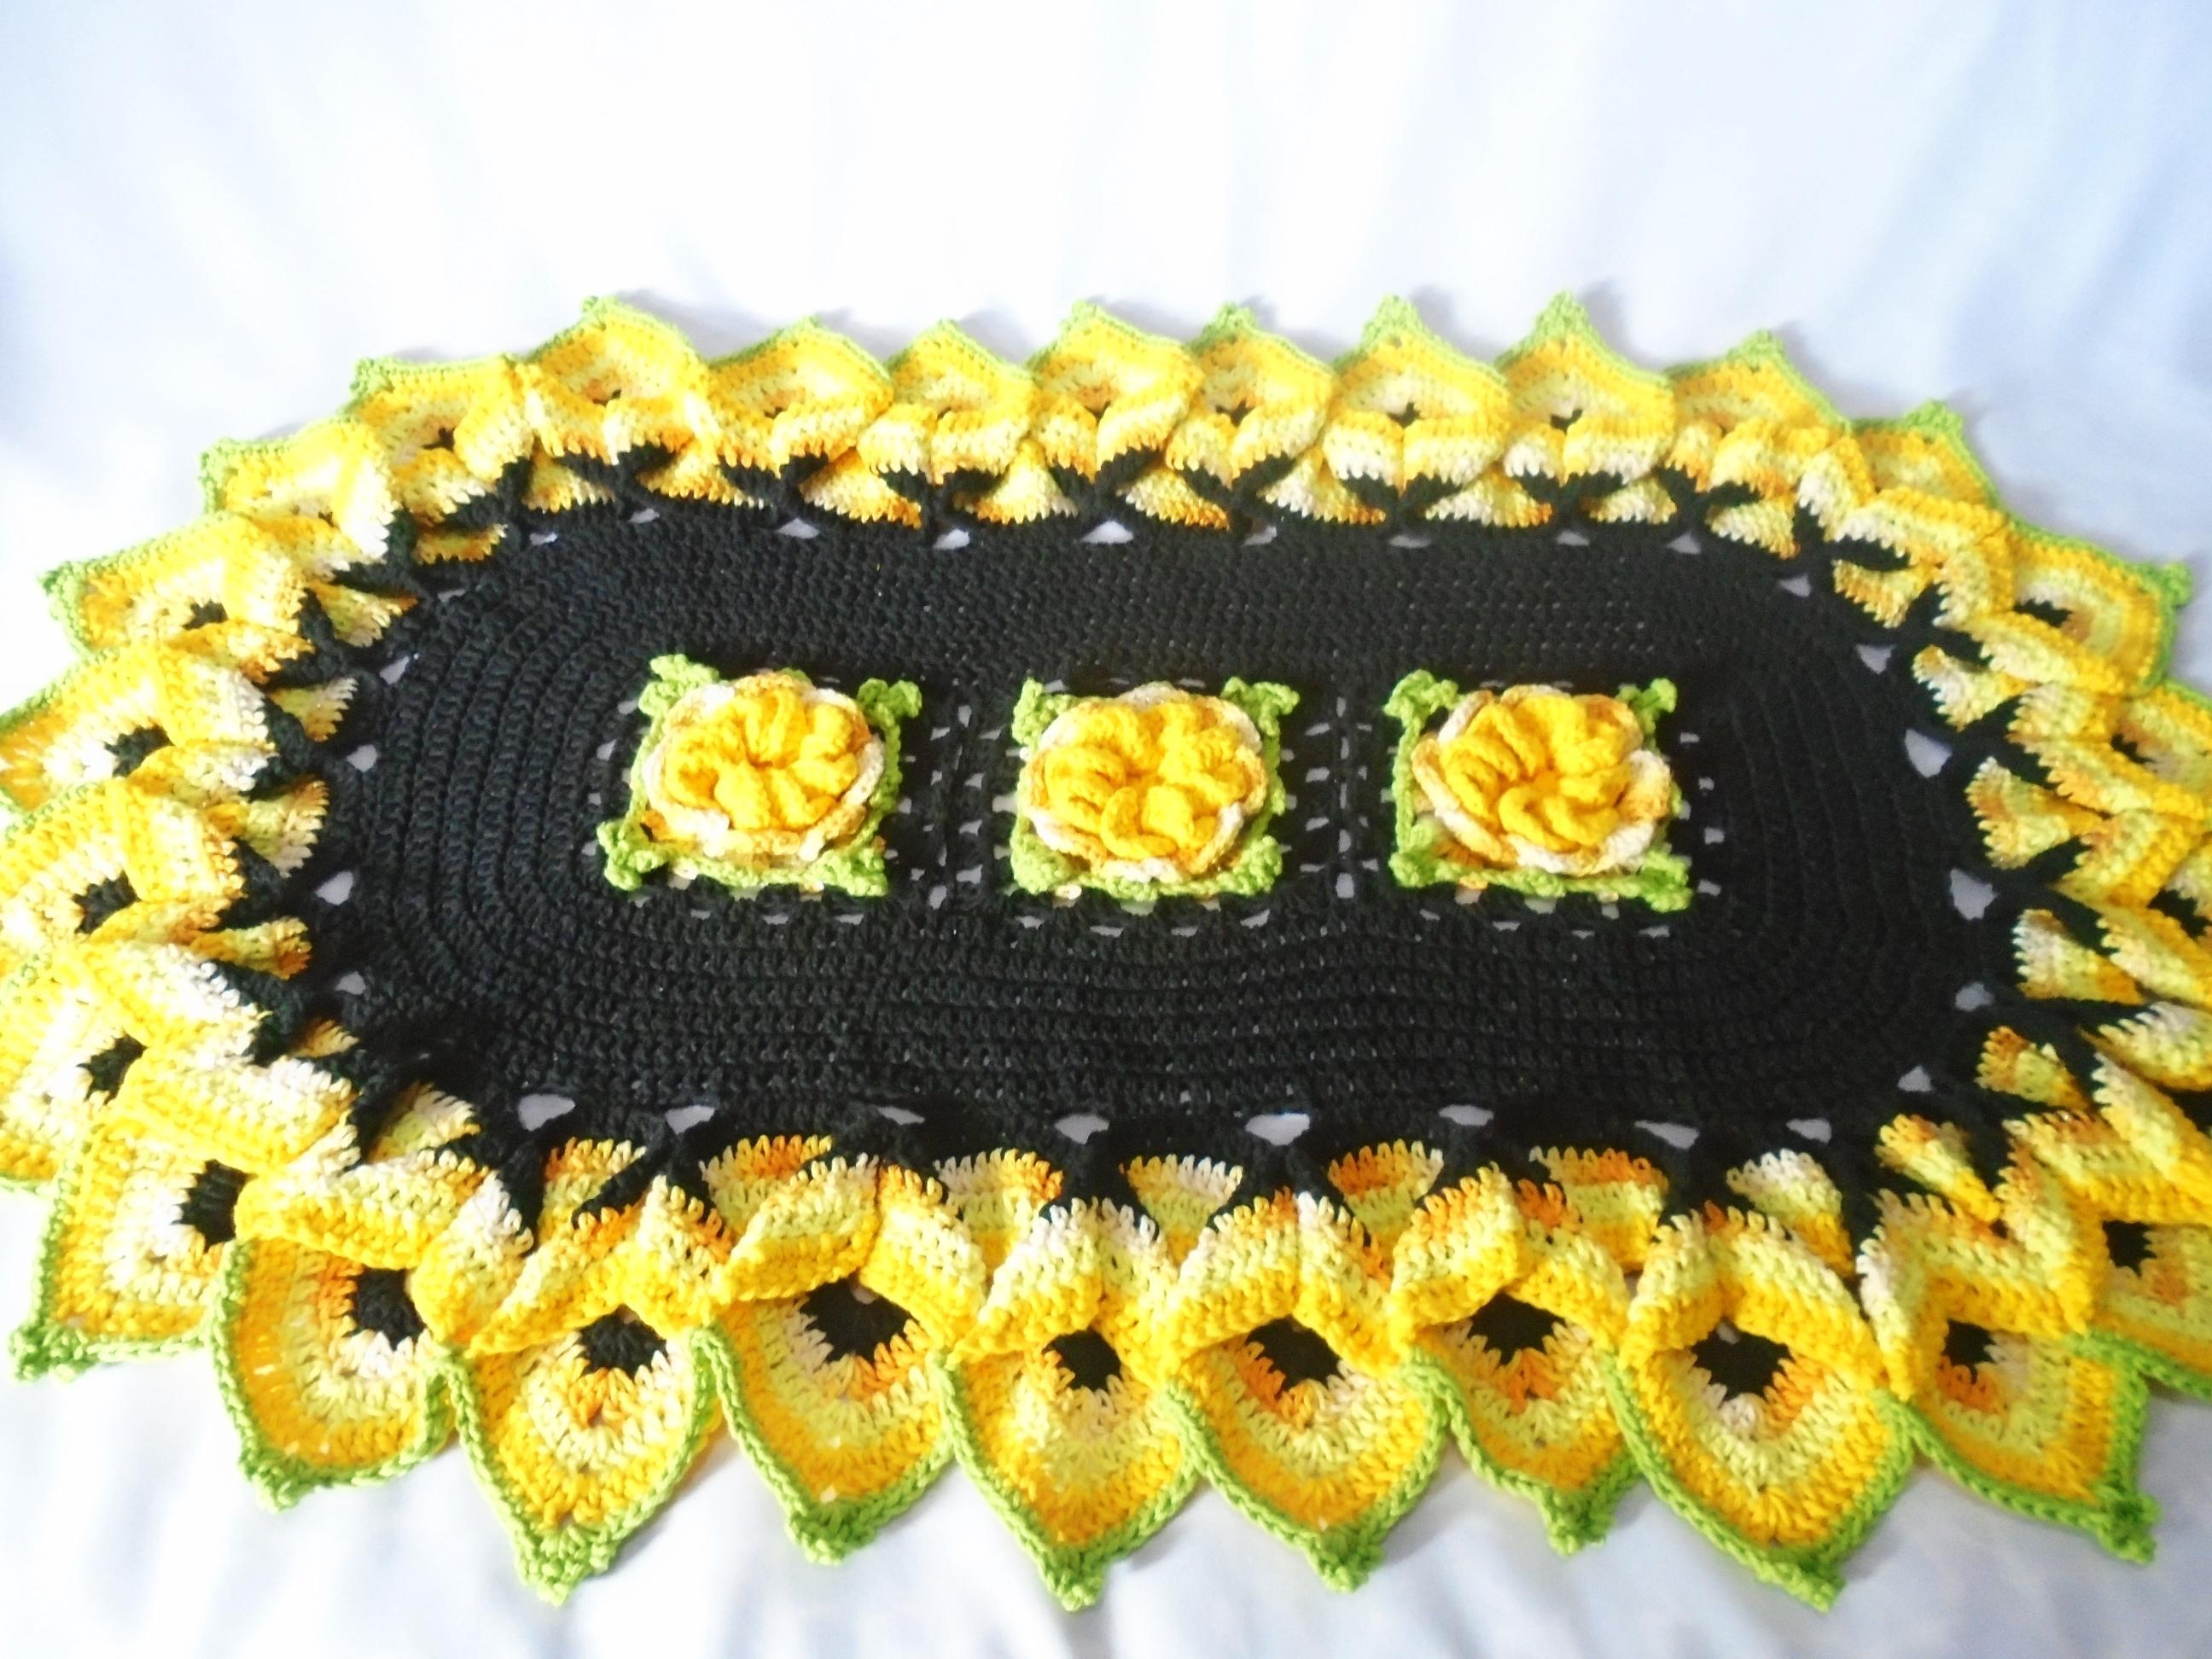 Tapetes lindos de crochê (Foto: Divulgação)